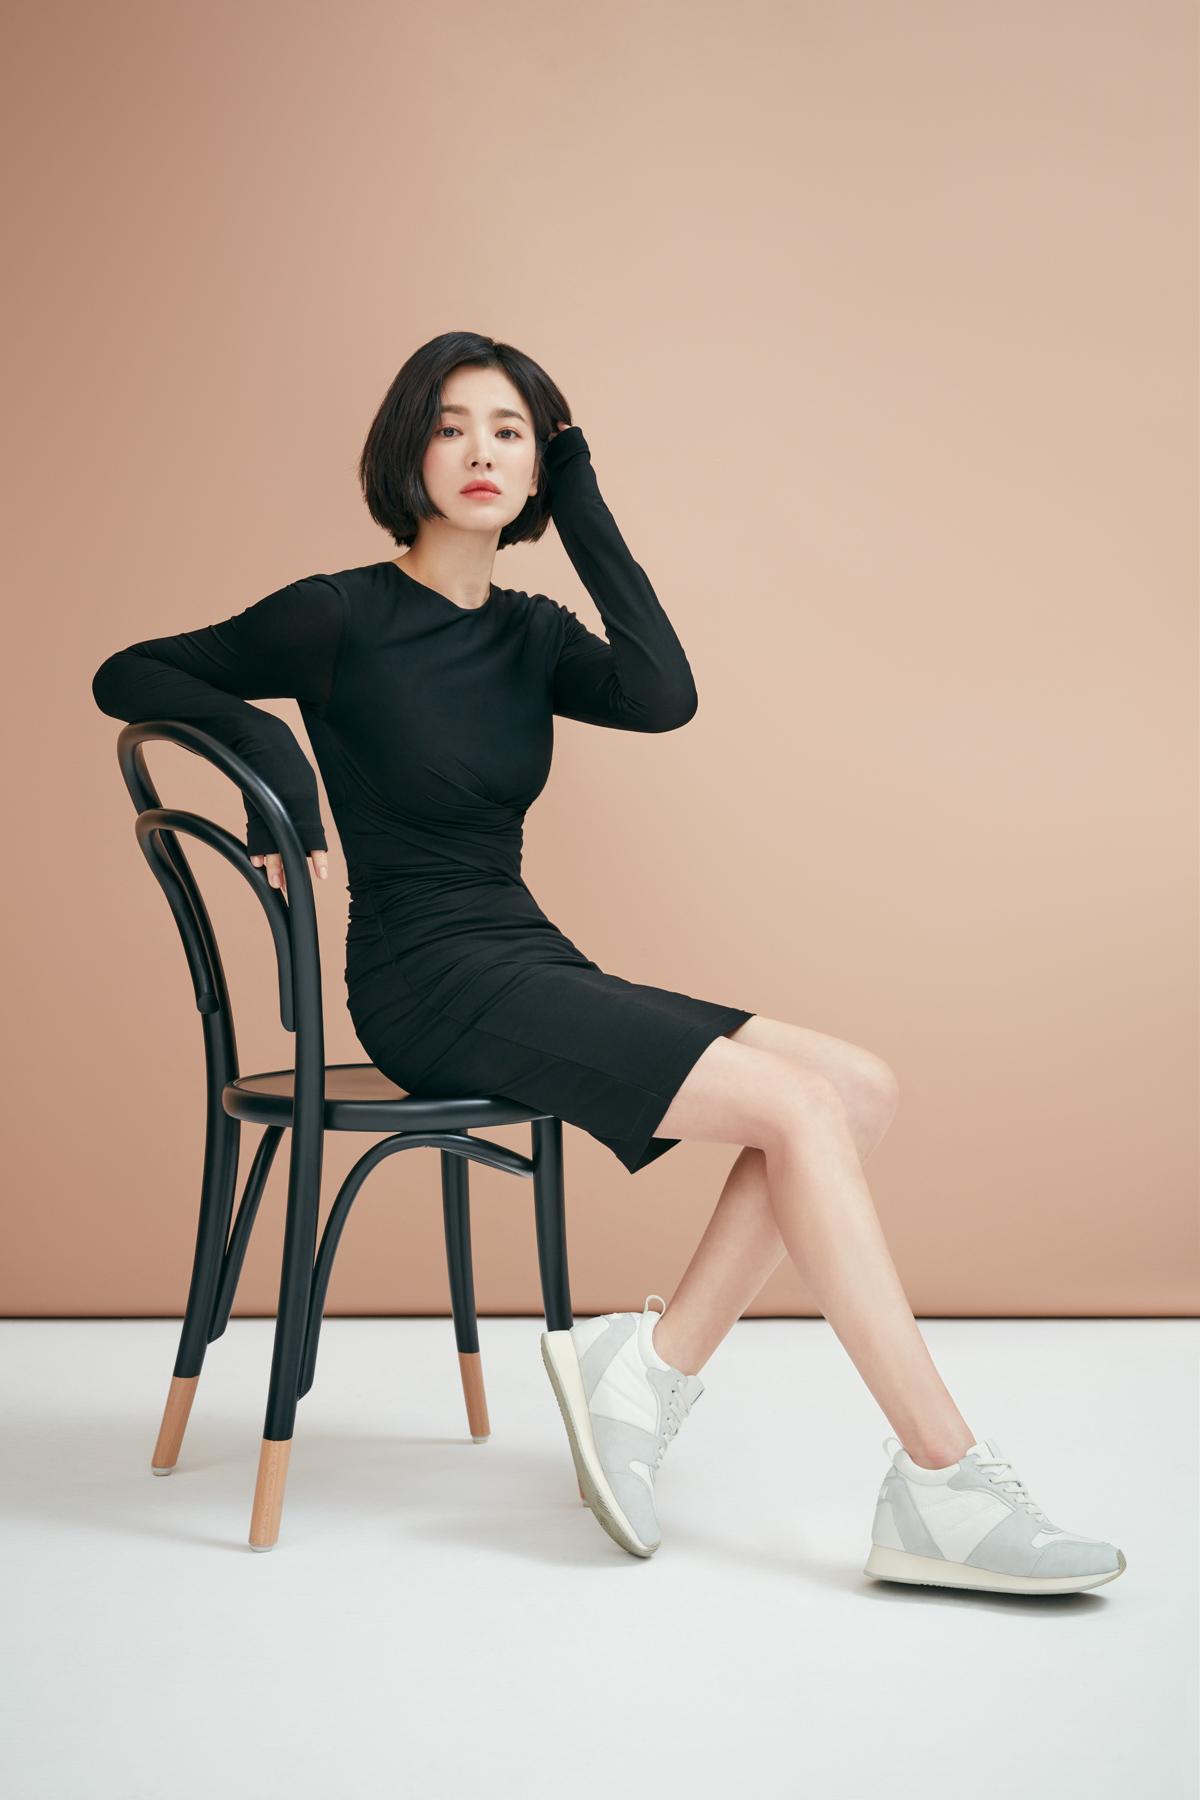 女神宋慧乔逆龄短发入境,为韩国女鞋品牌【Suecomma Bonnie】代言新品!